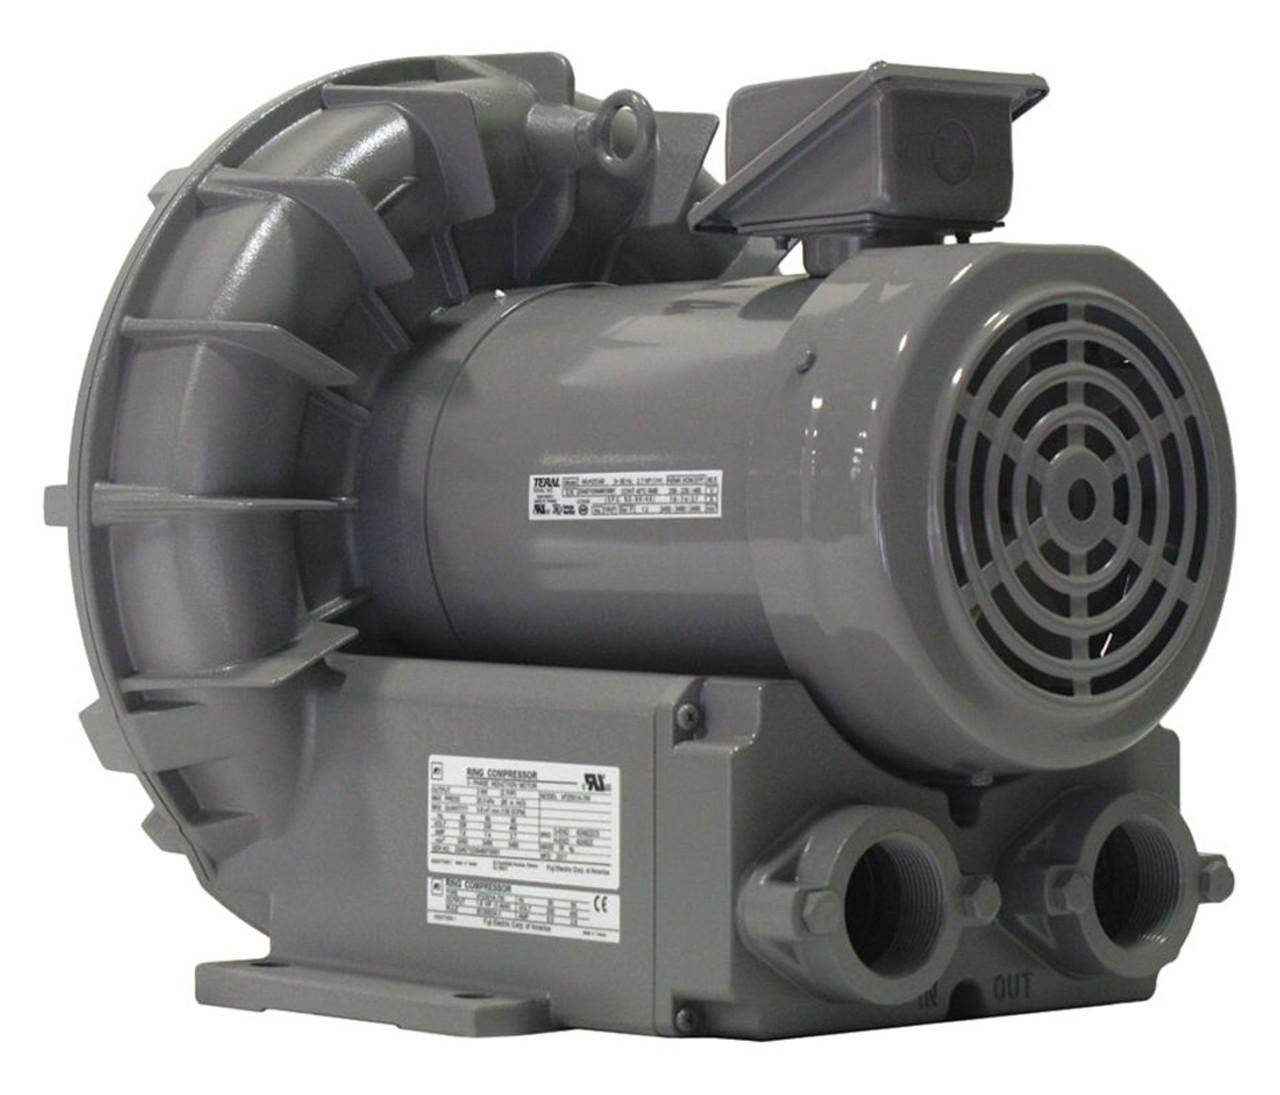 Vfz501a 460 Volts